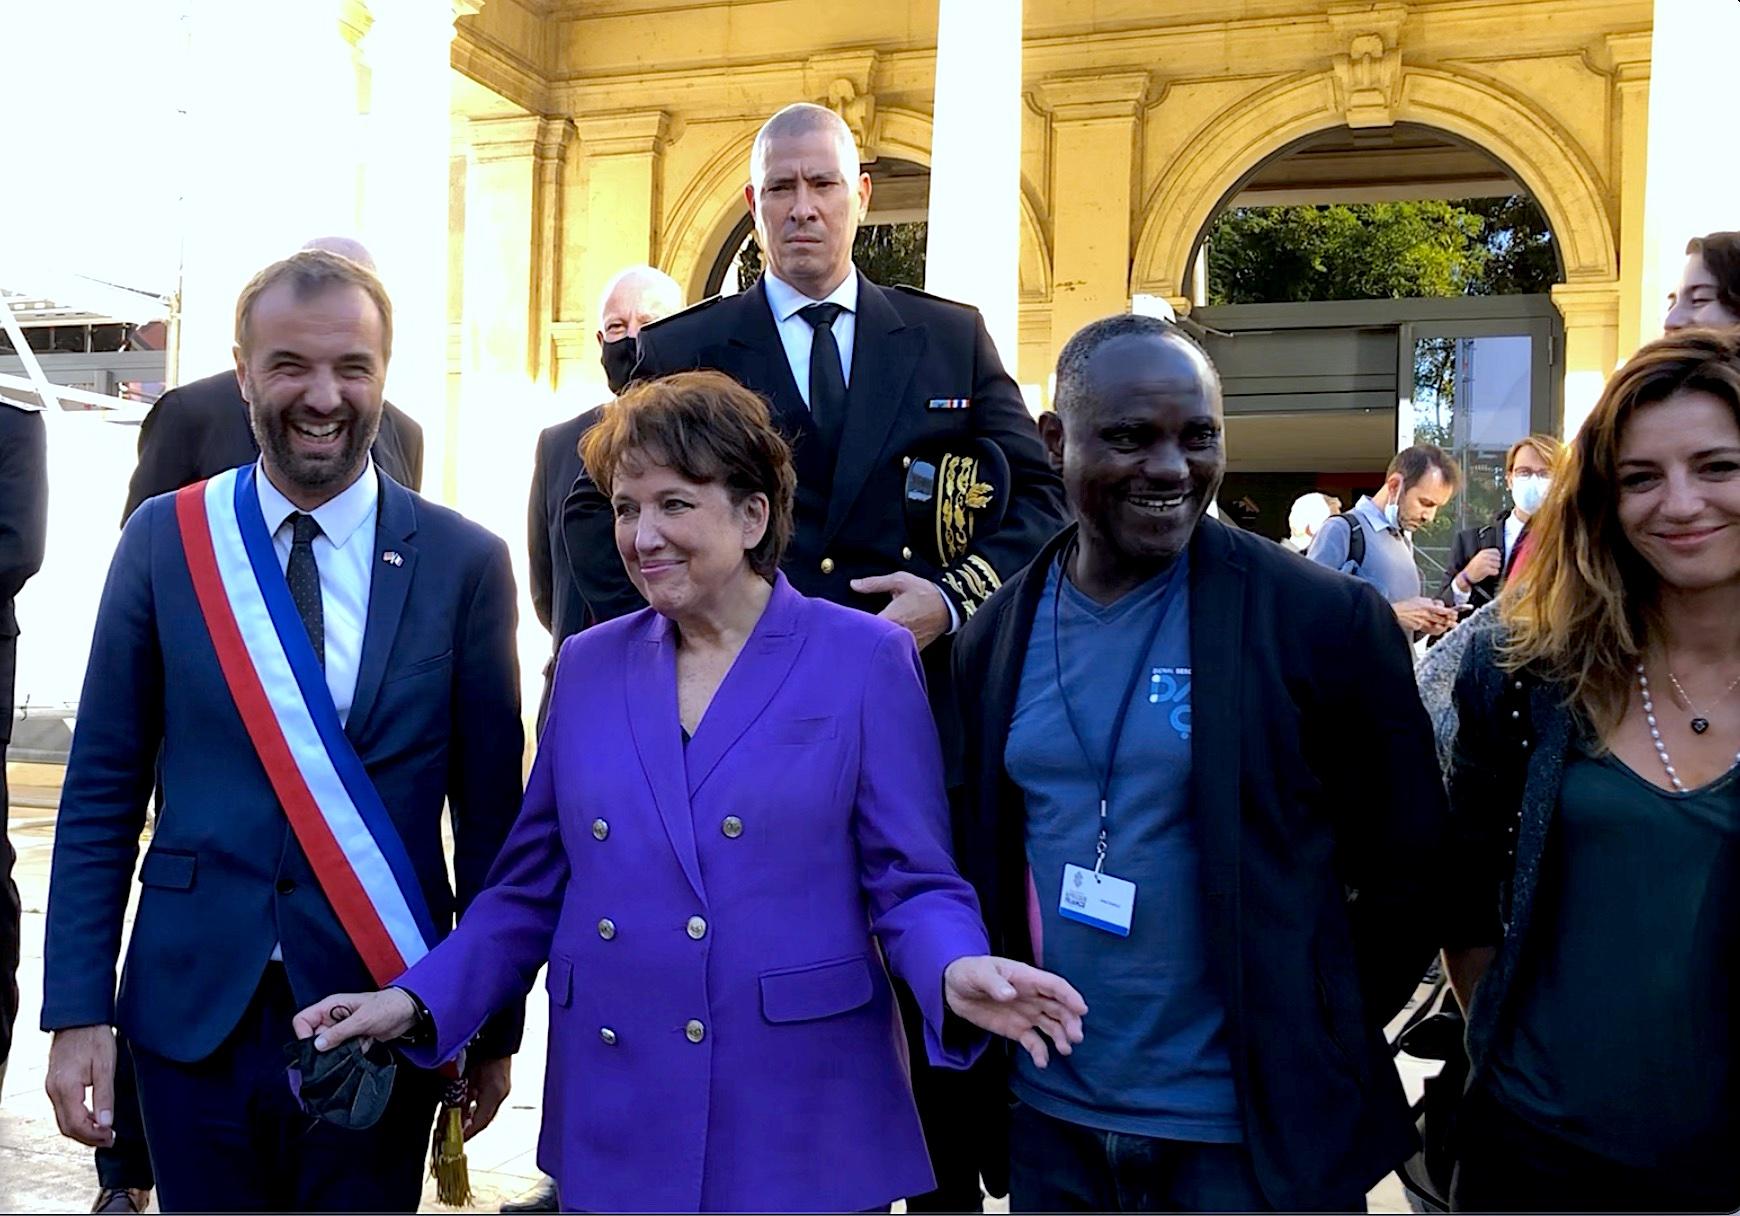 Roselyne Bachelot en visite à Montpellier - Sommet Afrique France - Octobre 2021 (©JPV)